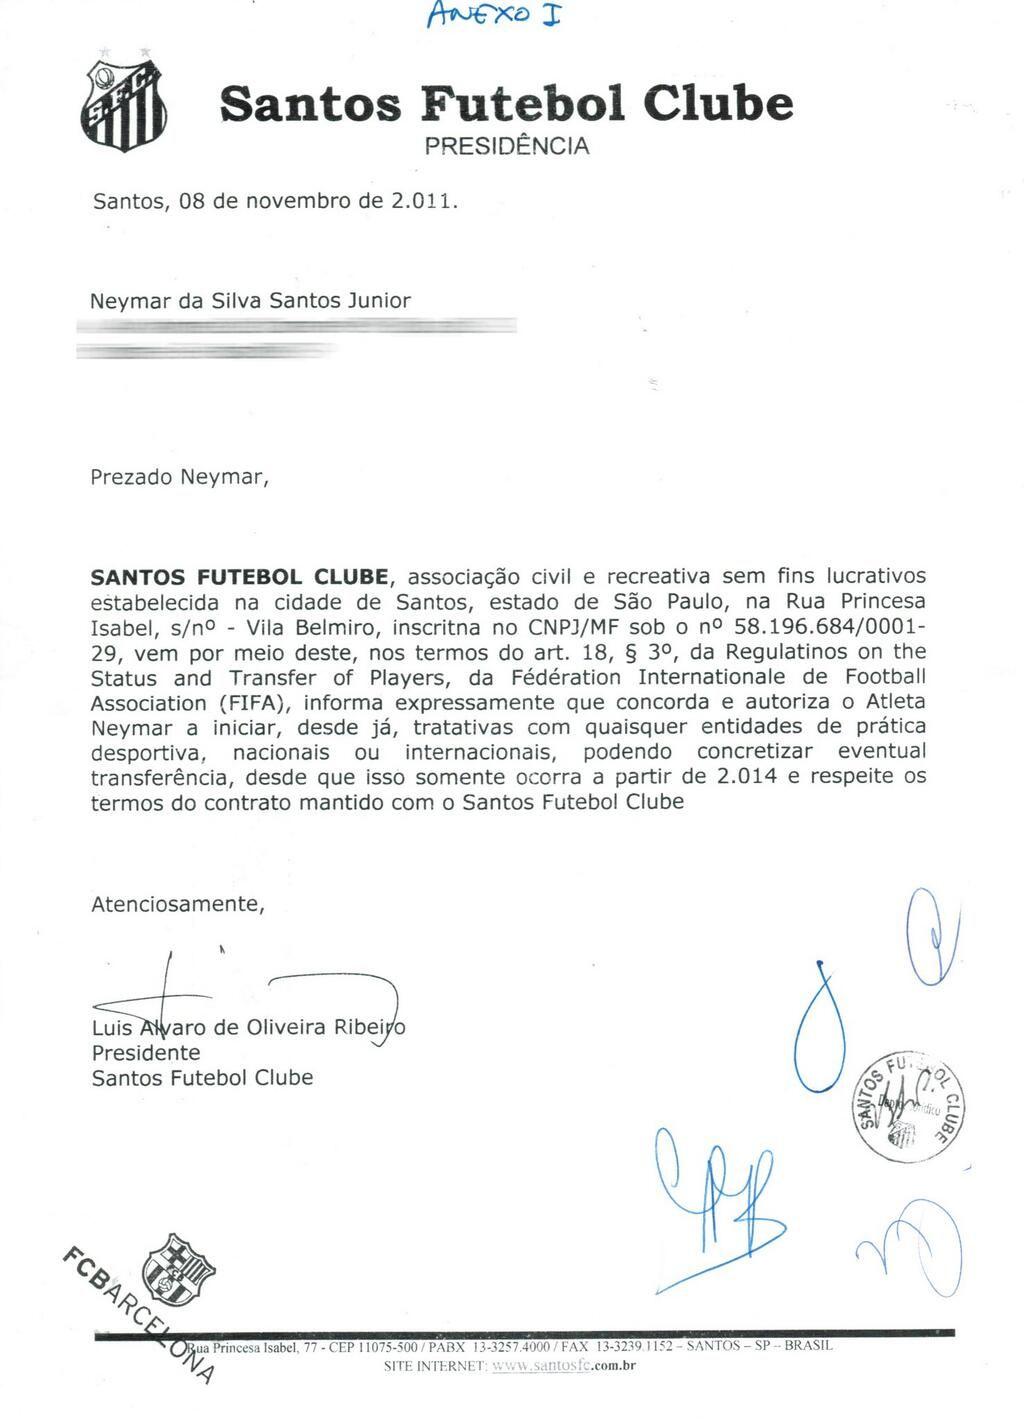 Neymar divulgou carta do Santos nesta quarta-feira